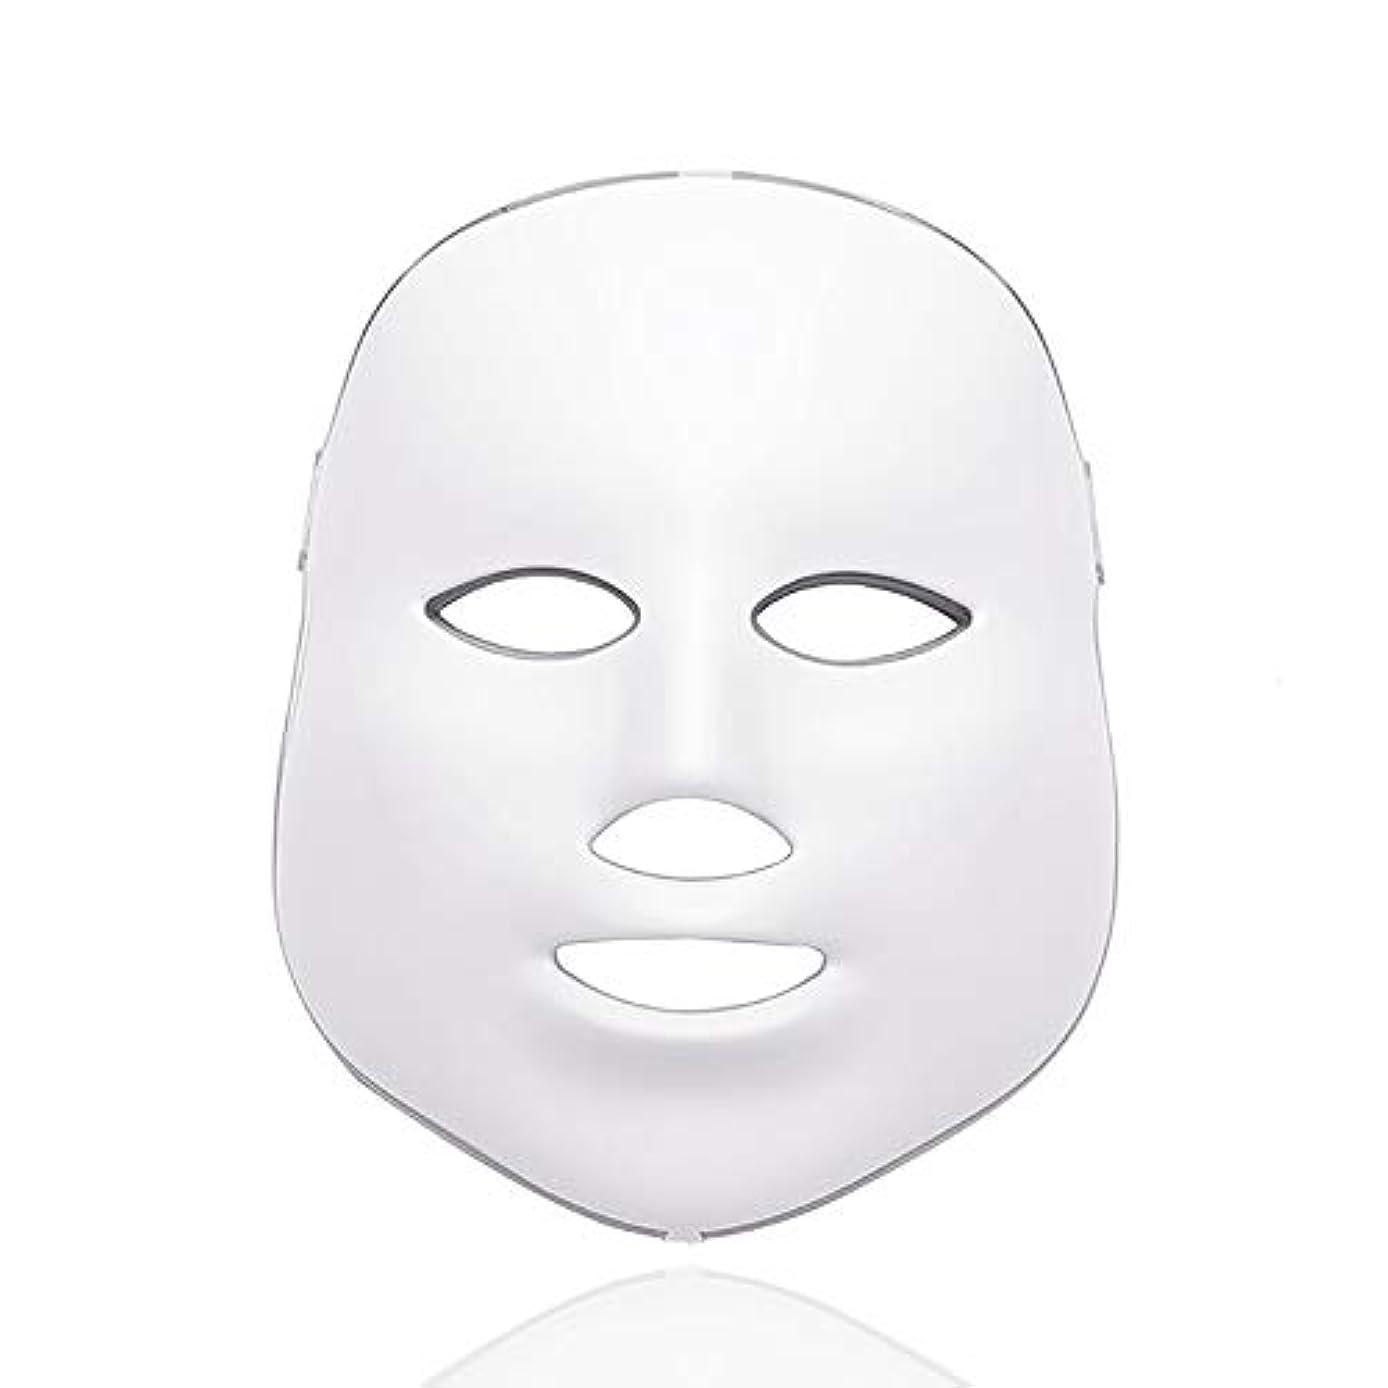 追放オート収容するワイヤレス7色がネックライト肌の若返りフェイシャル・ビューティデイリースキンケアマスクをマスクLED